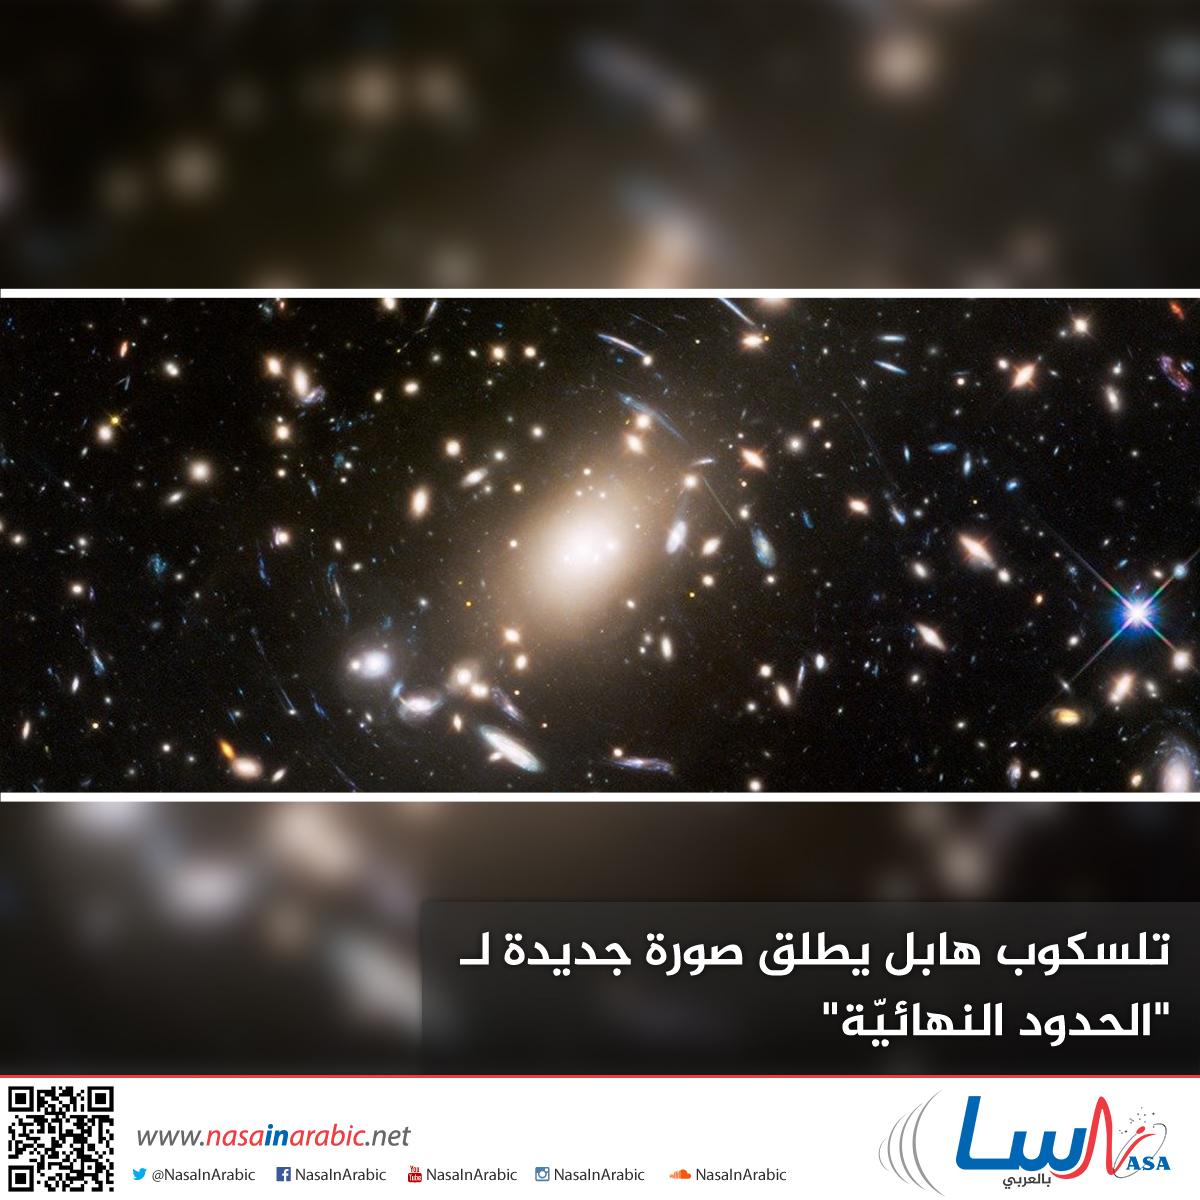 تلسكوب هابل ينشر صورة جديدة لحواف الكون المرئي